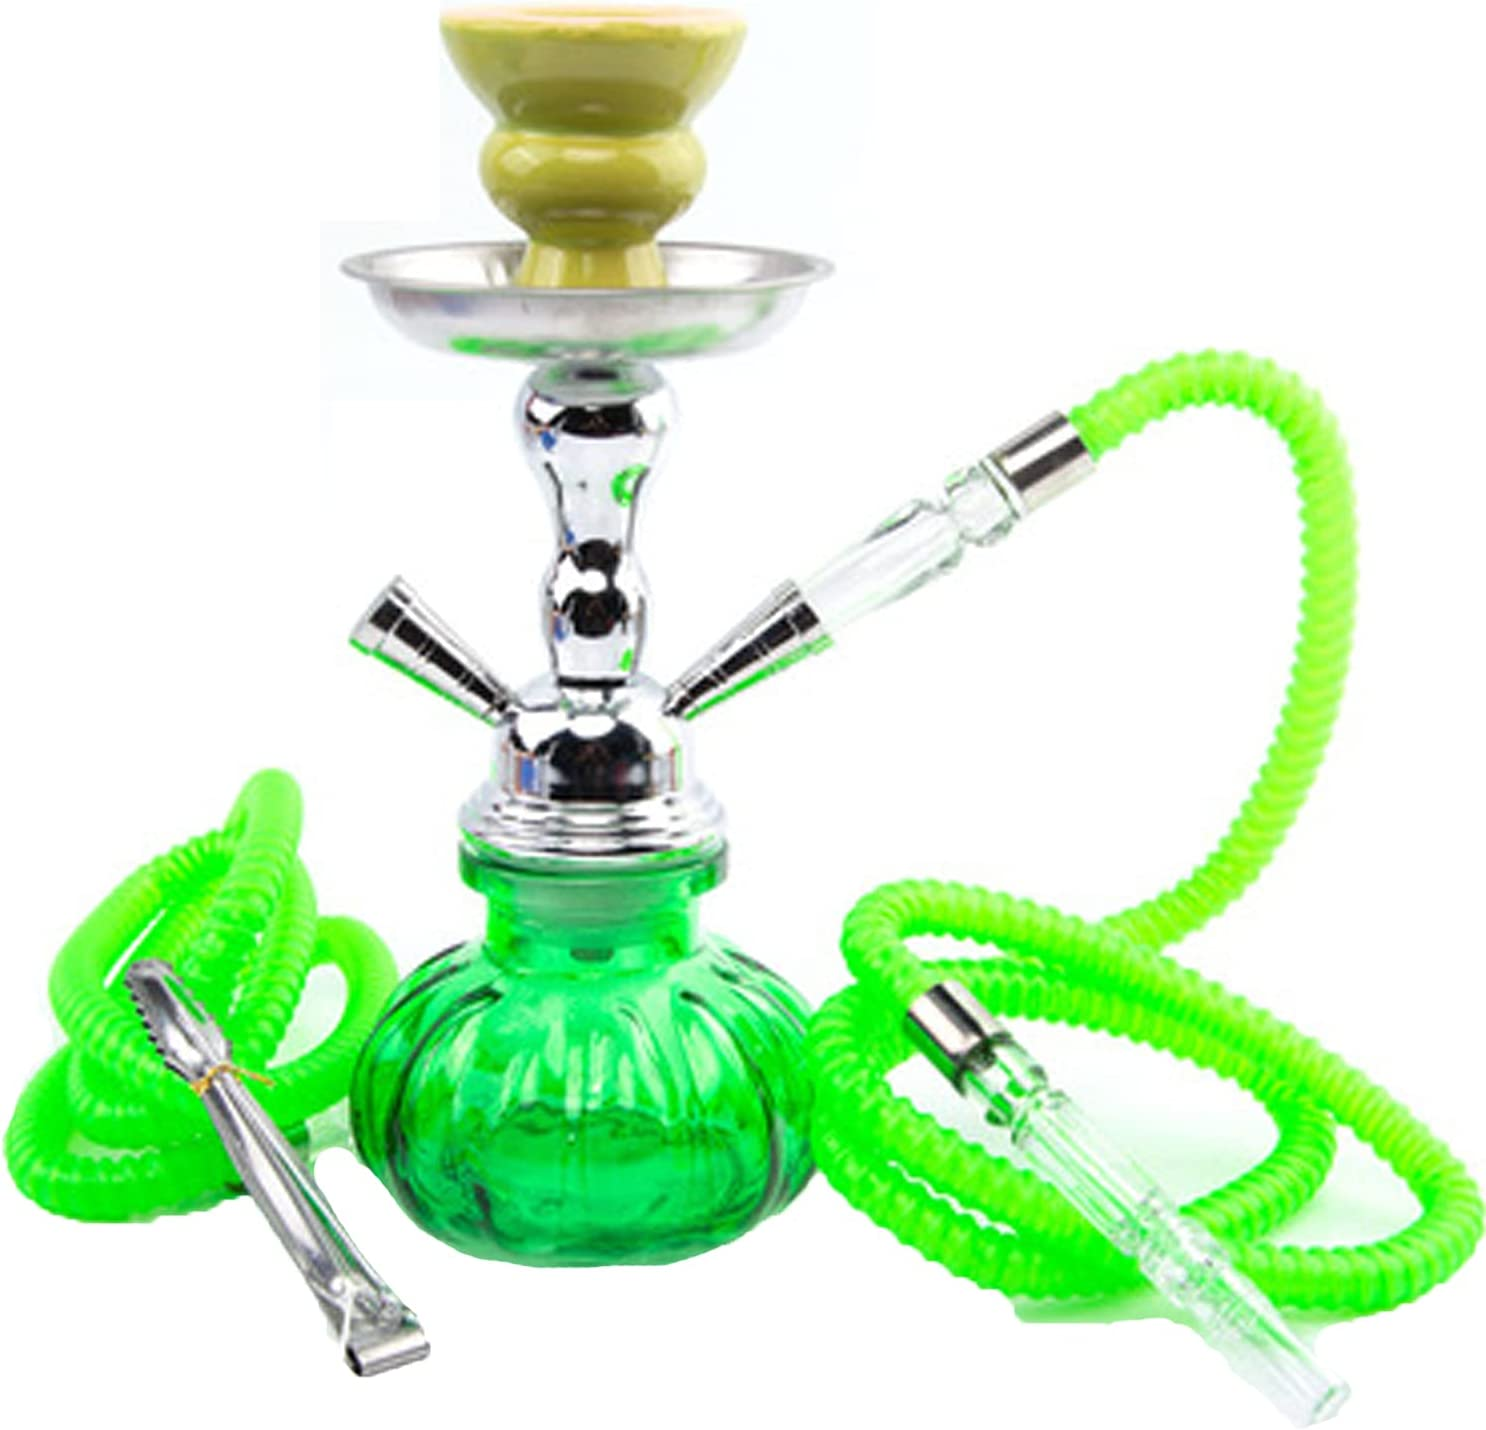 Khalil Mamoon - Juego de cachimba de pipa doble árabe, grifo portátil con pipa, cuenco para carbón, columna de humo, cuenco de carbón vegetal, cabezal de cerámica, 2 mangueras verdes